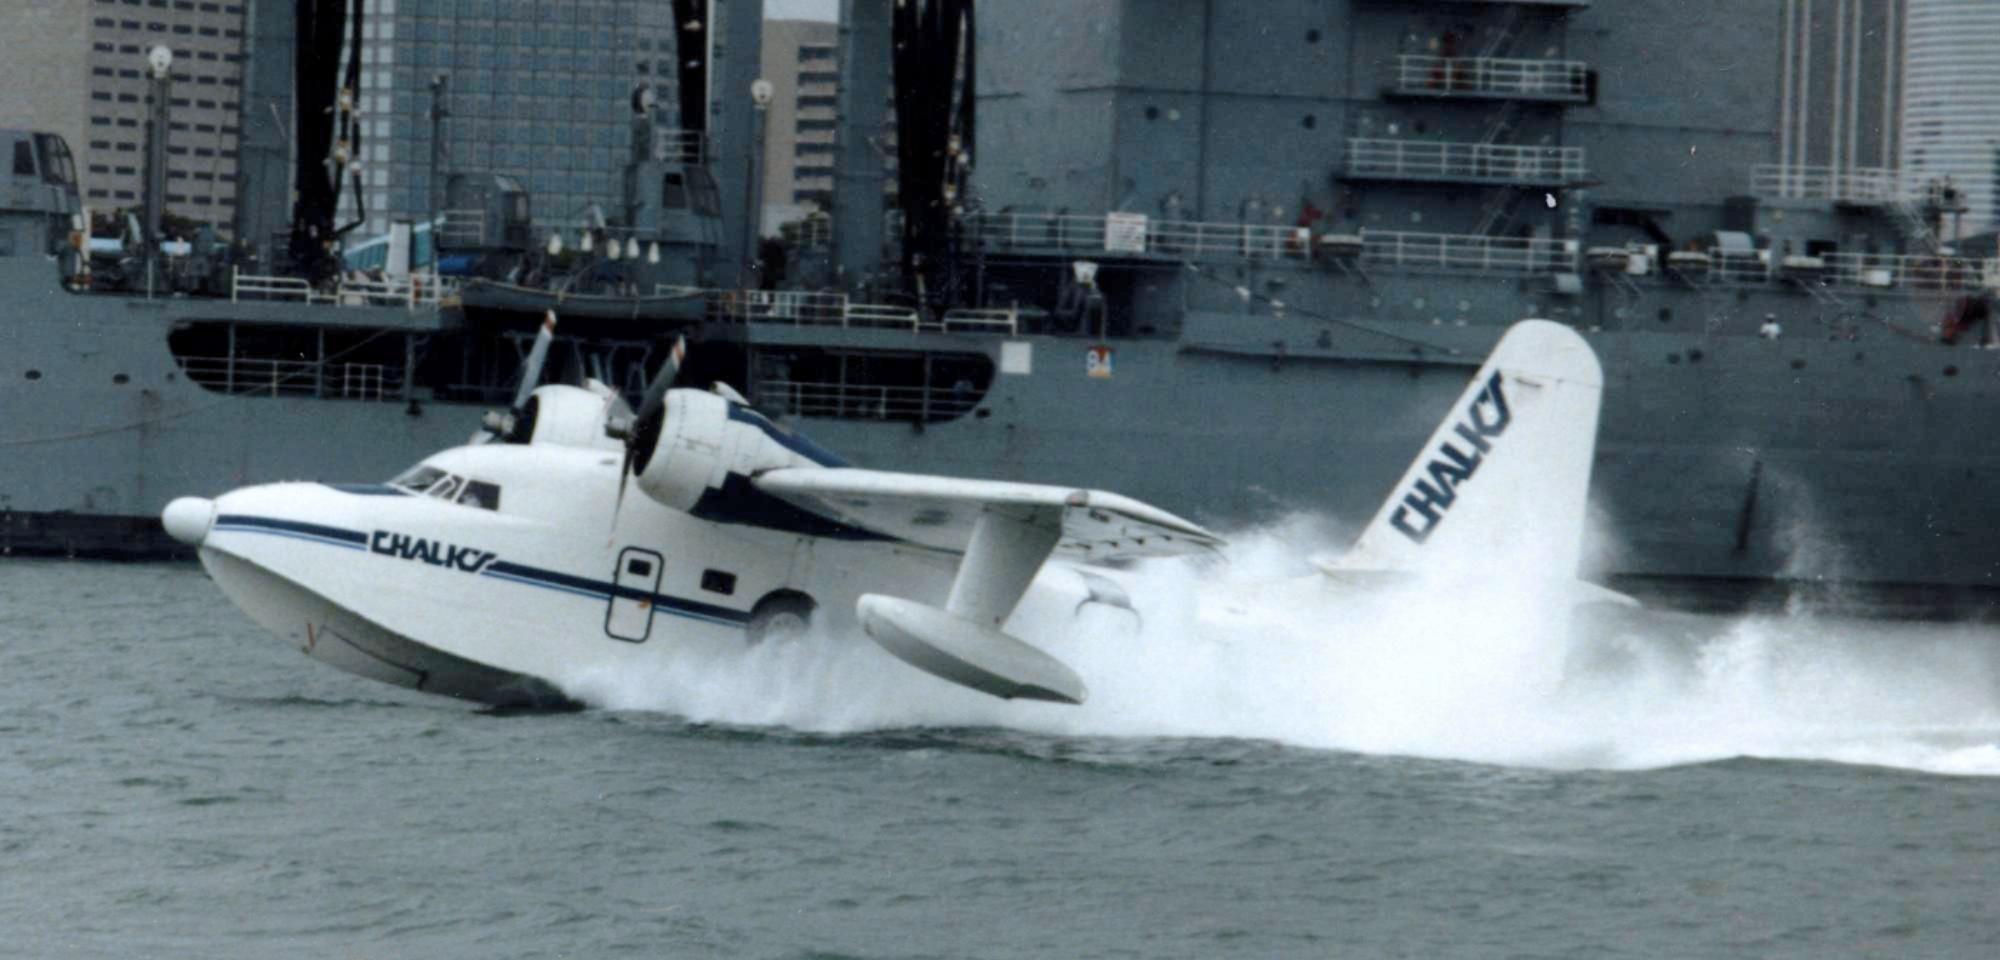 Grumman HU 16 Albatross